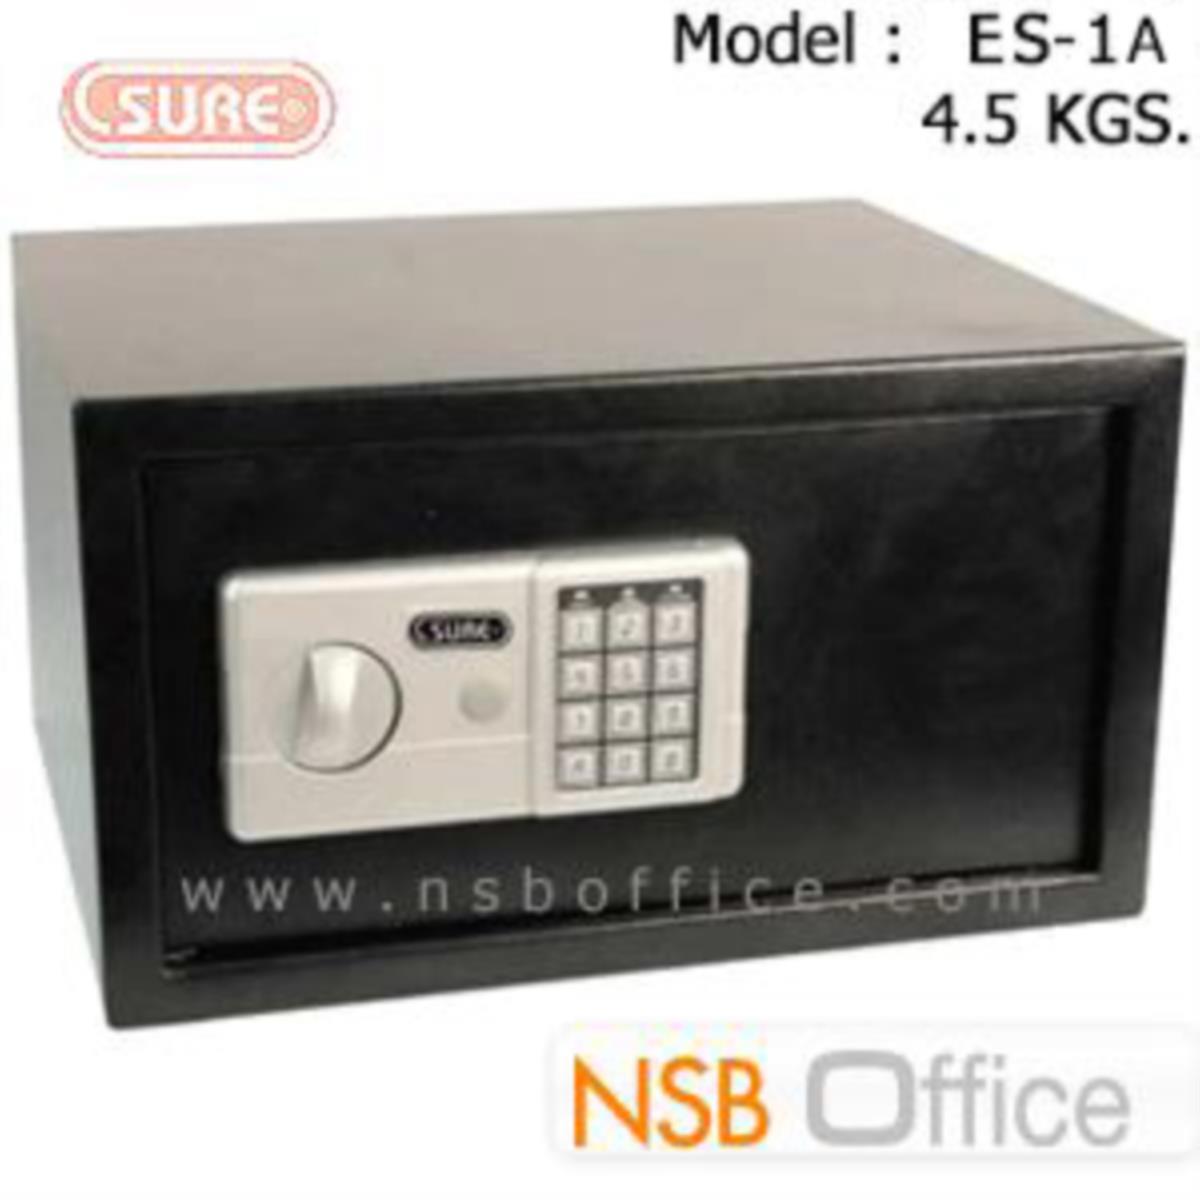 ตู้เซฟดิจิตอล SR-ES-1A (1 รหัสกด / ปุ่มหมุนบิด) ขนาด 31W*20D*20H cm.